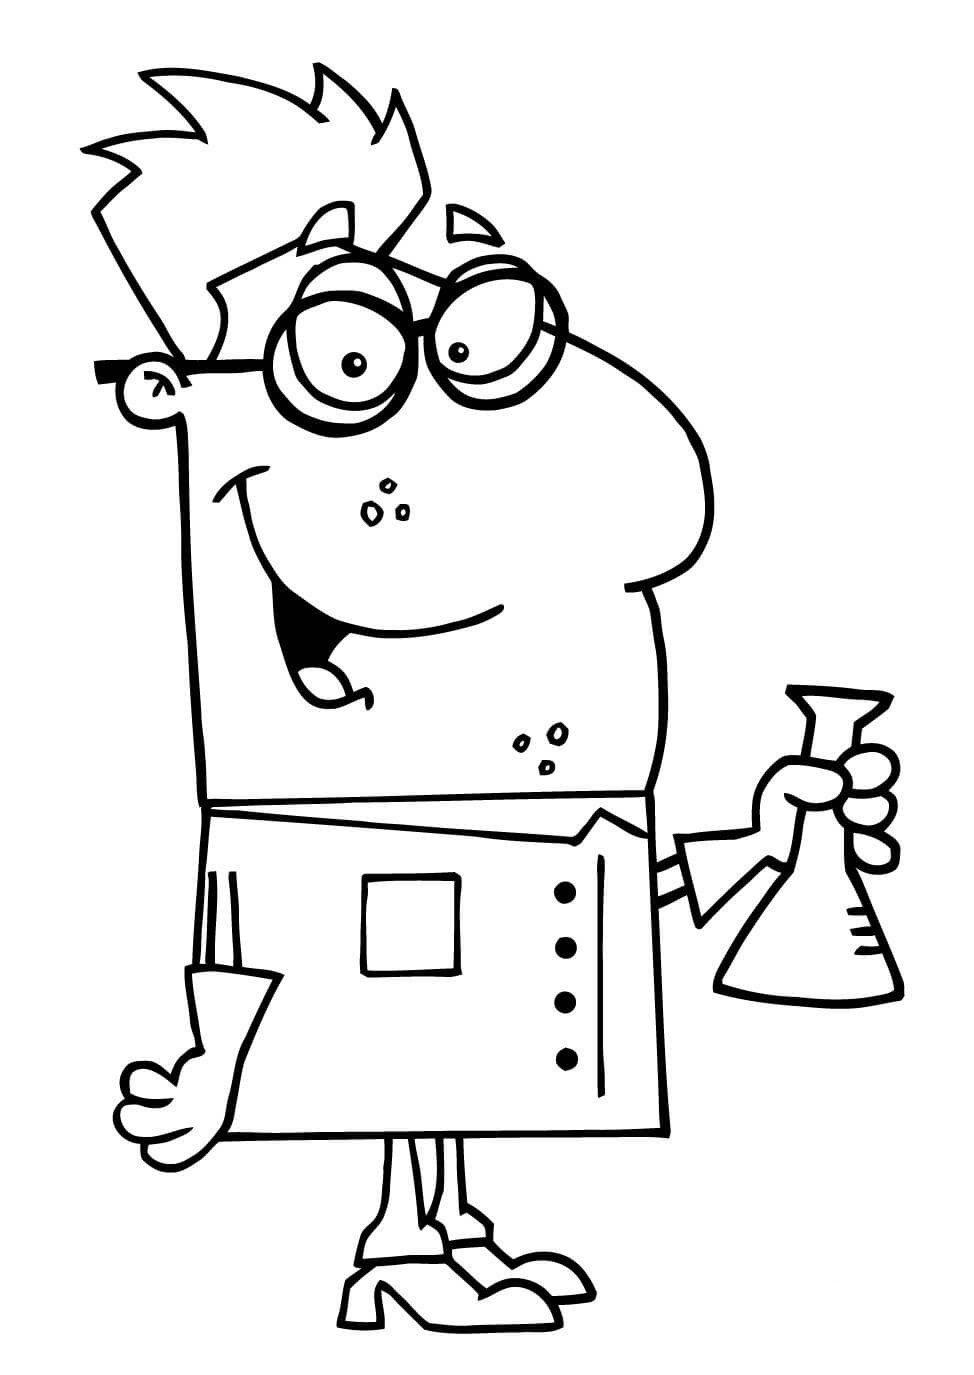 卡通化学家